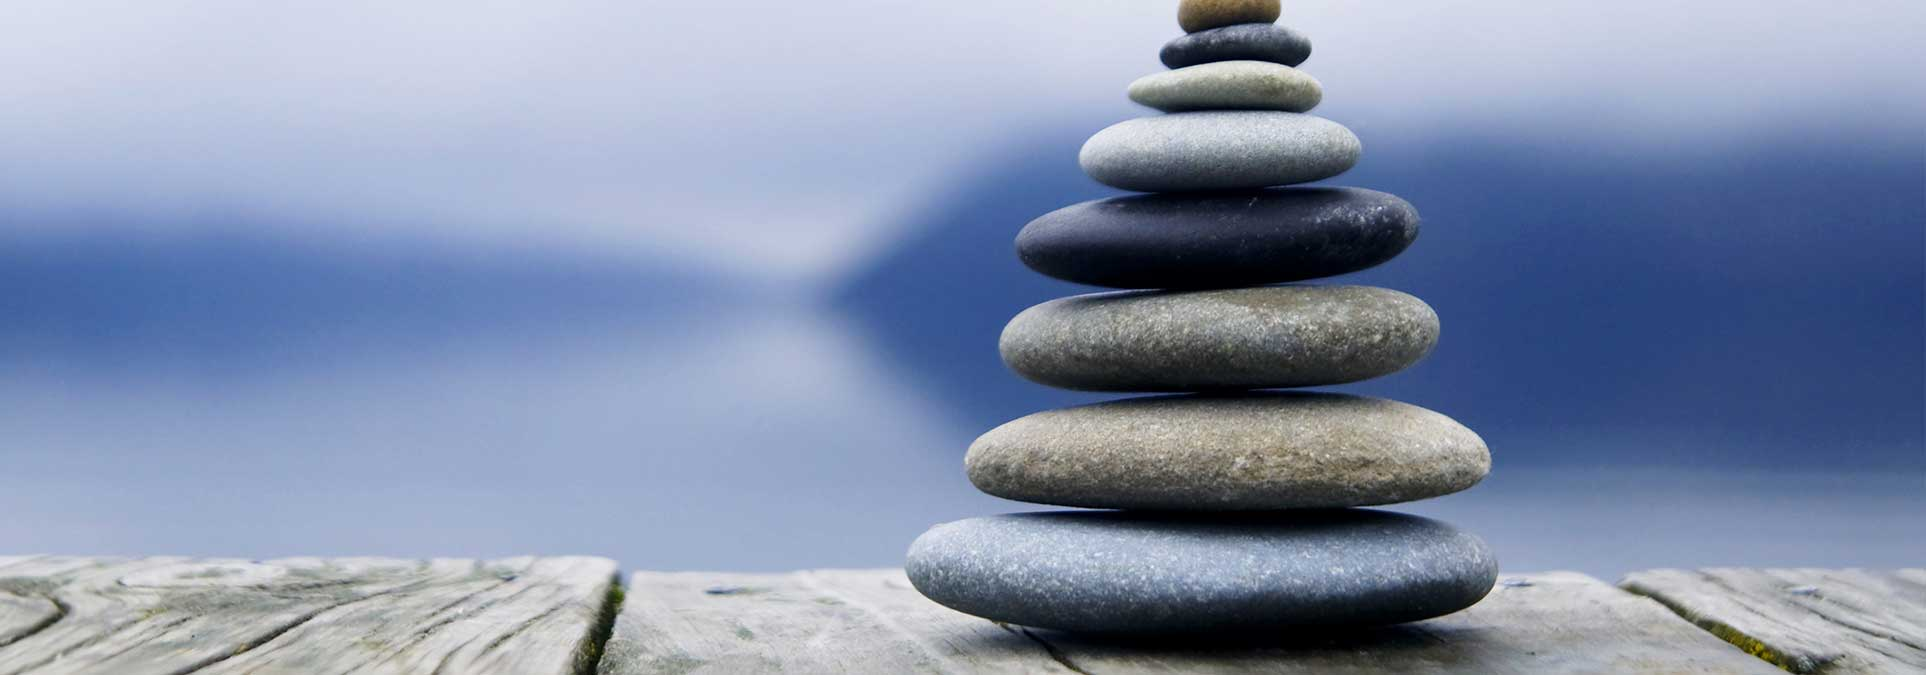 De mooiste spreuken over Balans en innerlijke rust - citaten van Ingspire